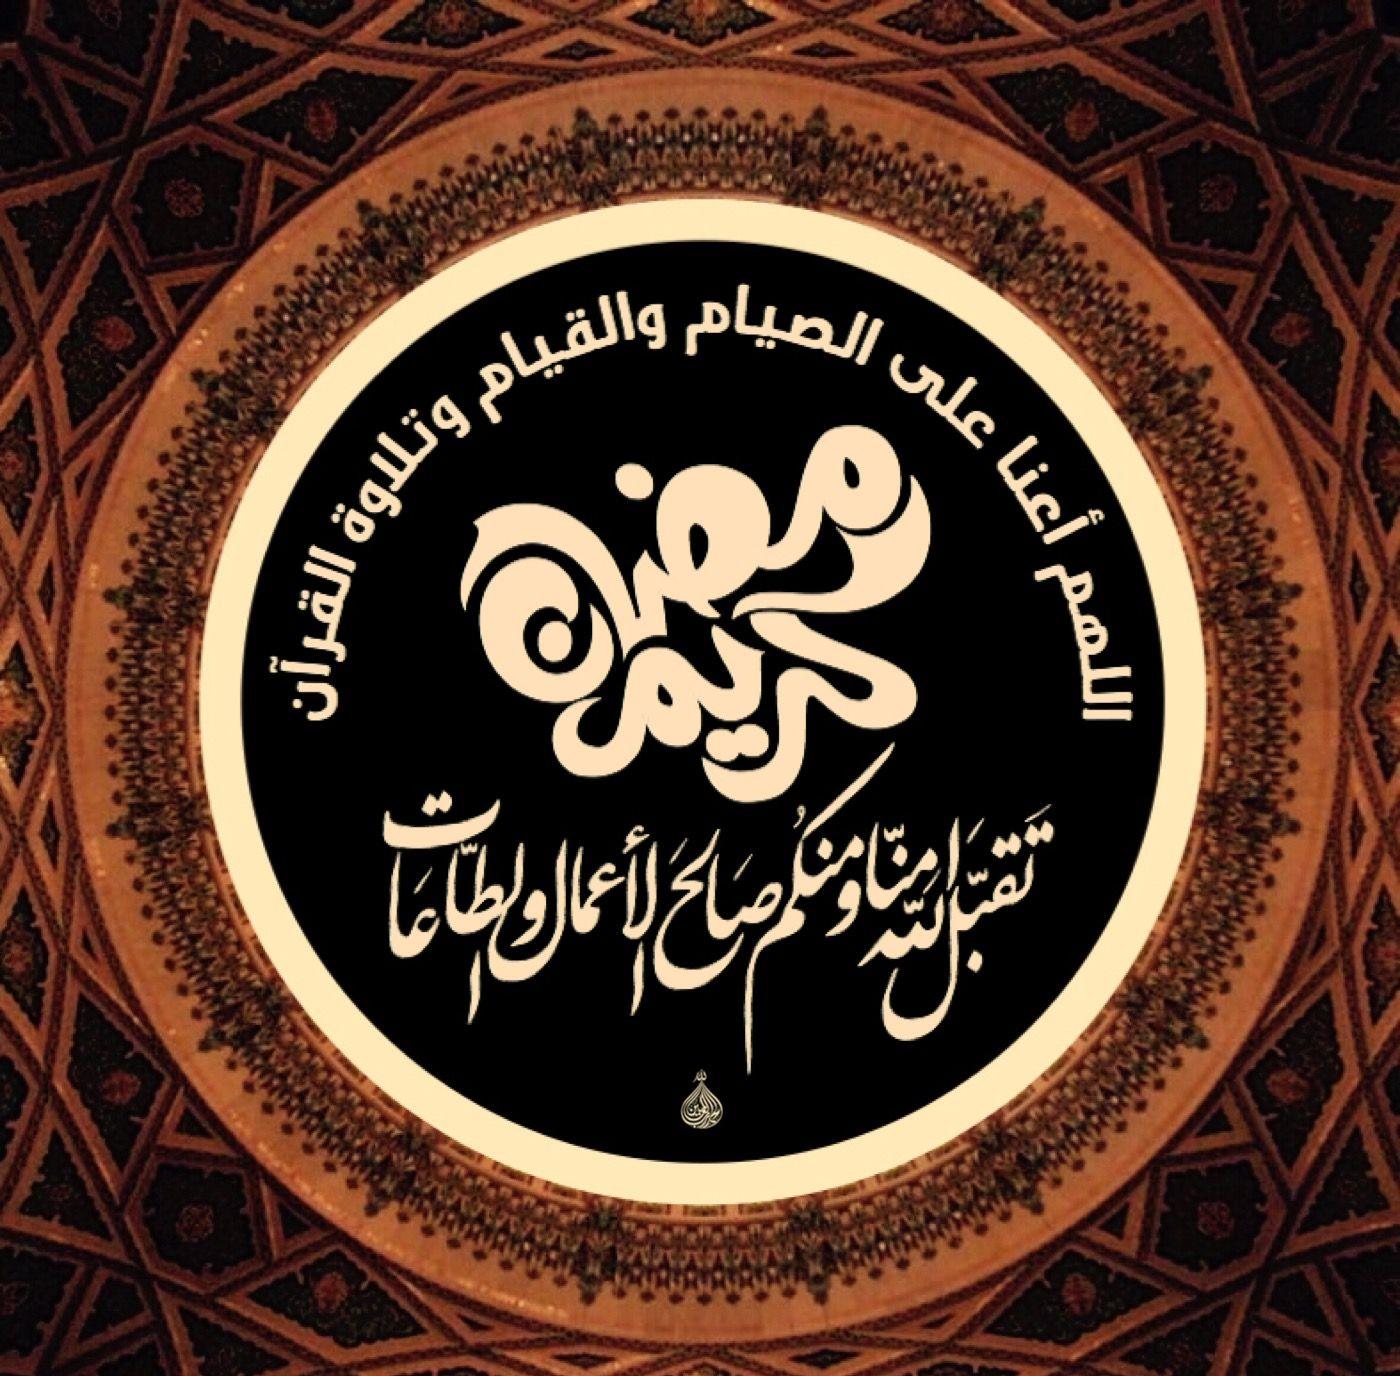 أدعية إسلاميه أذكار دعاء صور إسلامية الله الله اكبر استغفر الله مسلم قرأن إسلاميات إيمان أدعية دينية أدعية من القرأن دعاء للم Ramadan Kareem Ramadan Greetings